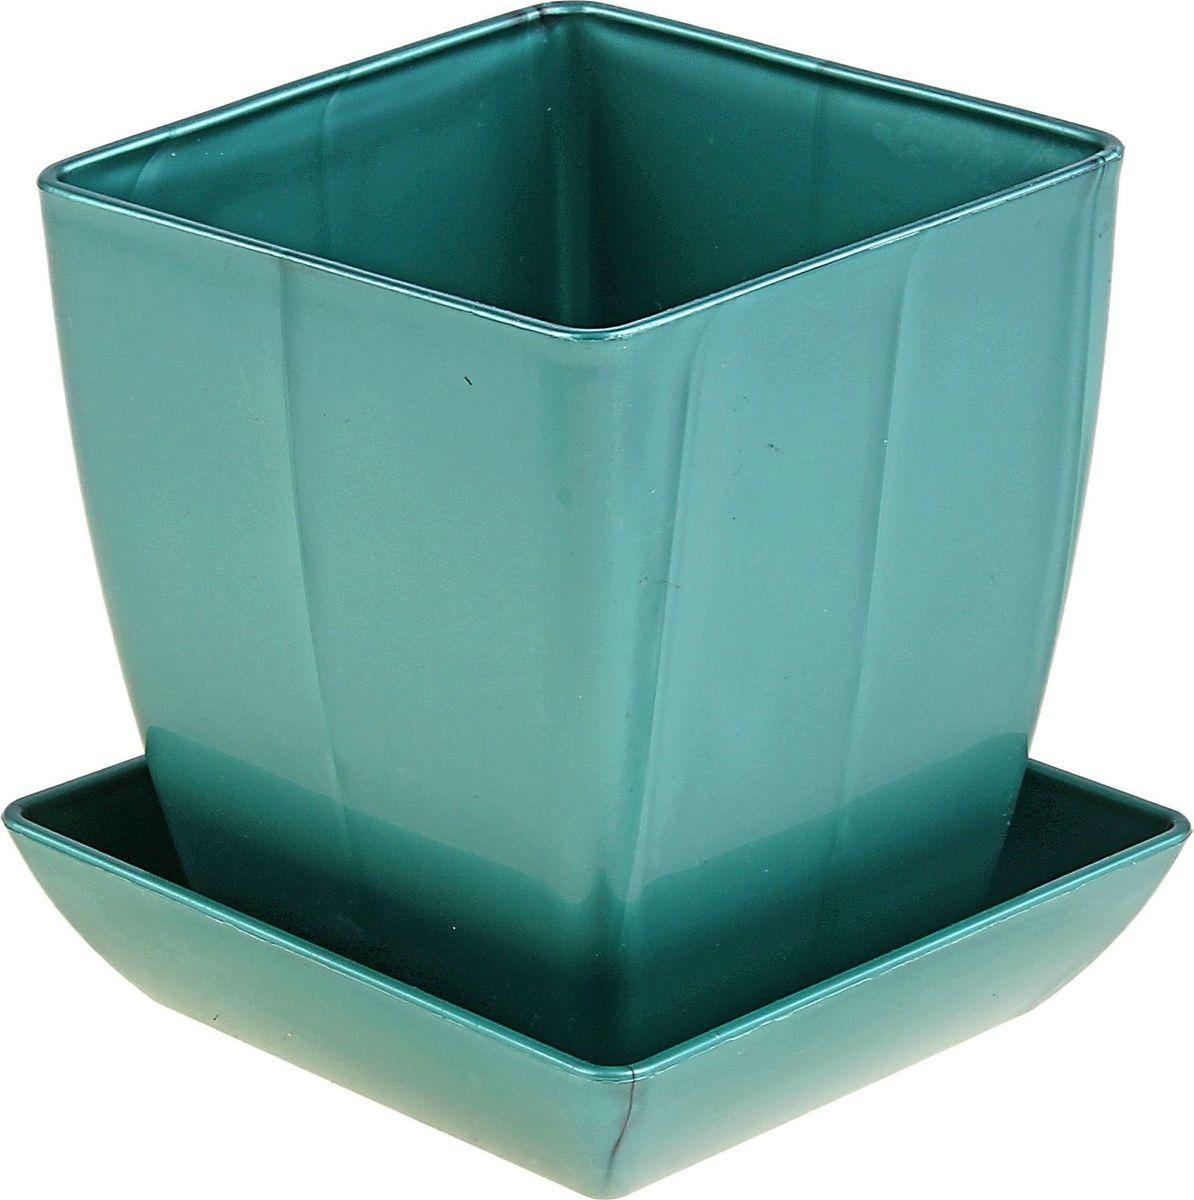 Горшок для цветов Мегапласт Квадрат, с поддоном, цвет: бирюзовый перламутр, 1 л624949Горшок для цветов Мегапласт Квадрат обладает малым весом и высокой прочностью. С лёгкостью переносите горшки и кашпо с места на место, ставьте их на столики или полки, подвешивайте под потолок, не беспокоясь о нагрузке. Пластиковые изделия не нуждаются в специальных условиях хранения. Их легко чистить - достаточно просто сполоснуть тёплой водой. Пластиковые кашпо не царапают и не загрязняют поверхности, на которых стоят. Пластик дольше хранит влагу, а значит растение реже нуждается в поливе.Пластмасса не пропускает воздух, а значит, корневой системе растения не грозят резкие перепады температур. Соблюдая нехитрые правила ухода, вы можете заметно продлить срок службы горшков, вазонов и кашпо из пластика:- всегда учитывайте размер кроны и корневой системы растения (при разрастании большое растение способно повредить маленький горшок). - берегите изделие от воздействия прямых солнечных лучей, чтобы кашпо и горшки не выцветали. - держите кашпо и горшки из пластика подальше от нагревающихся поверхностей. Любой, даже самый современный и продуманный интерьер будет не завершённым без растений. Они не только очищают воздух и насыщают его кислородом, но и заметно украшают окружающее пространство. Такому полезному члену семьи просто необходимо красивое и функциональное кашпо, оригинальный горшок или необычная ваза!